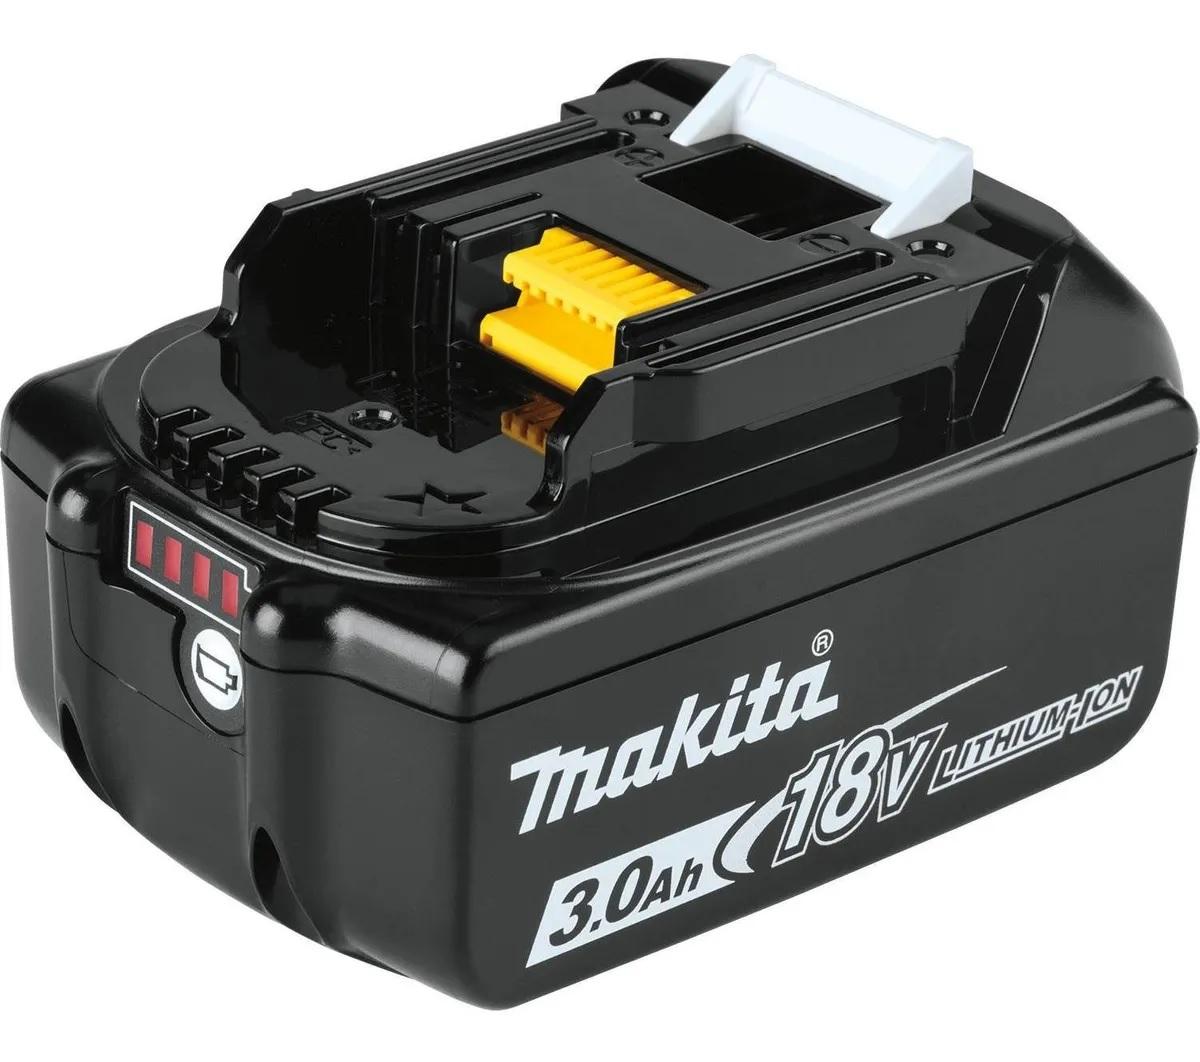 Bateria de 18v Li-ion 3.0ah MAKITA BL1830B